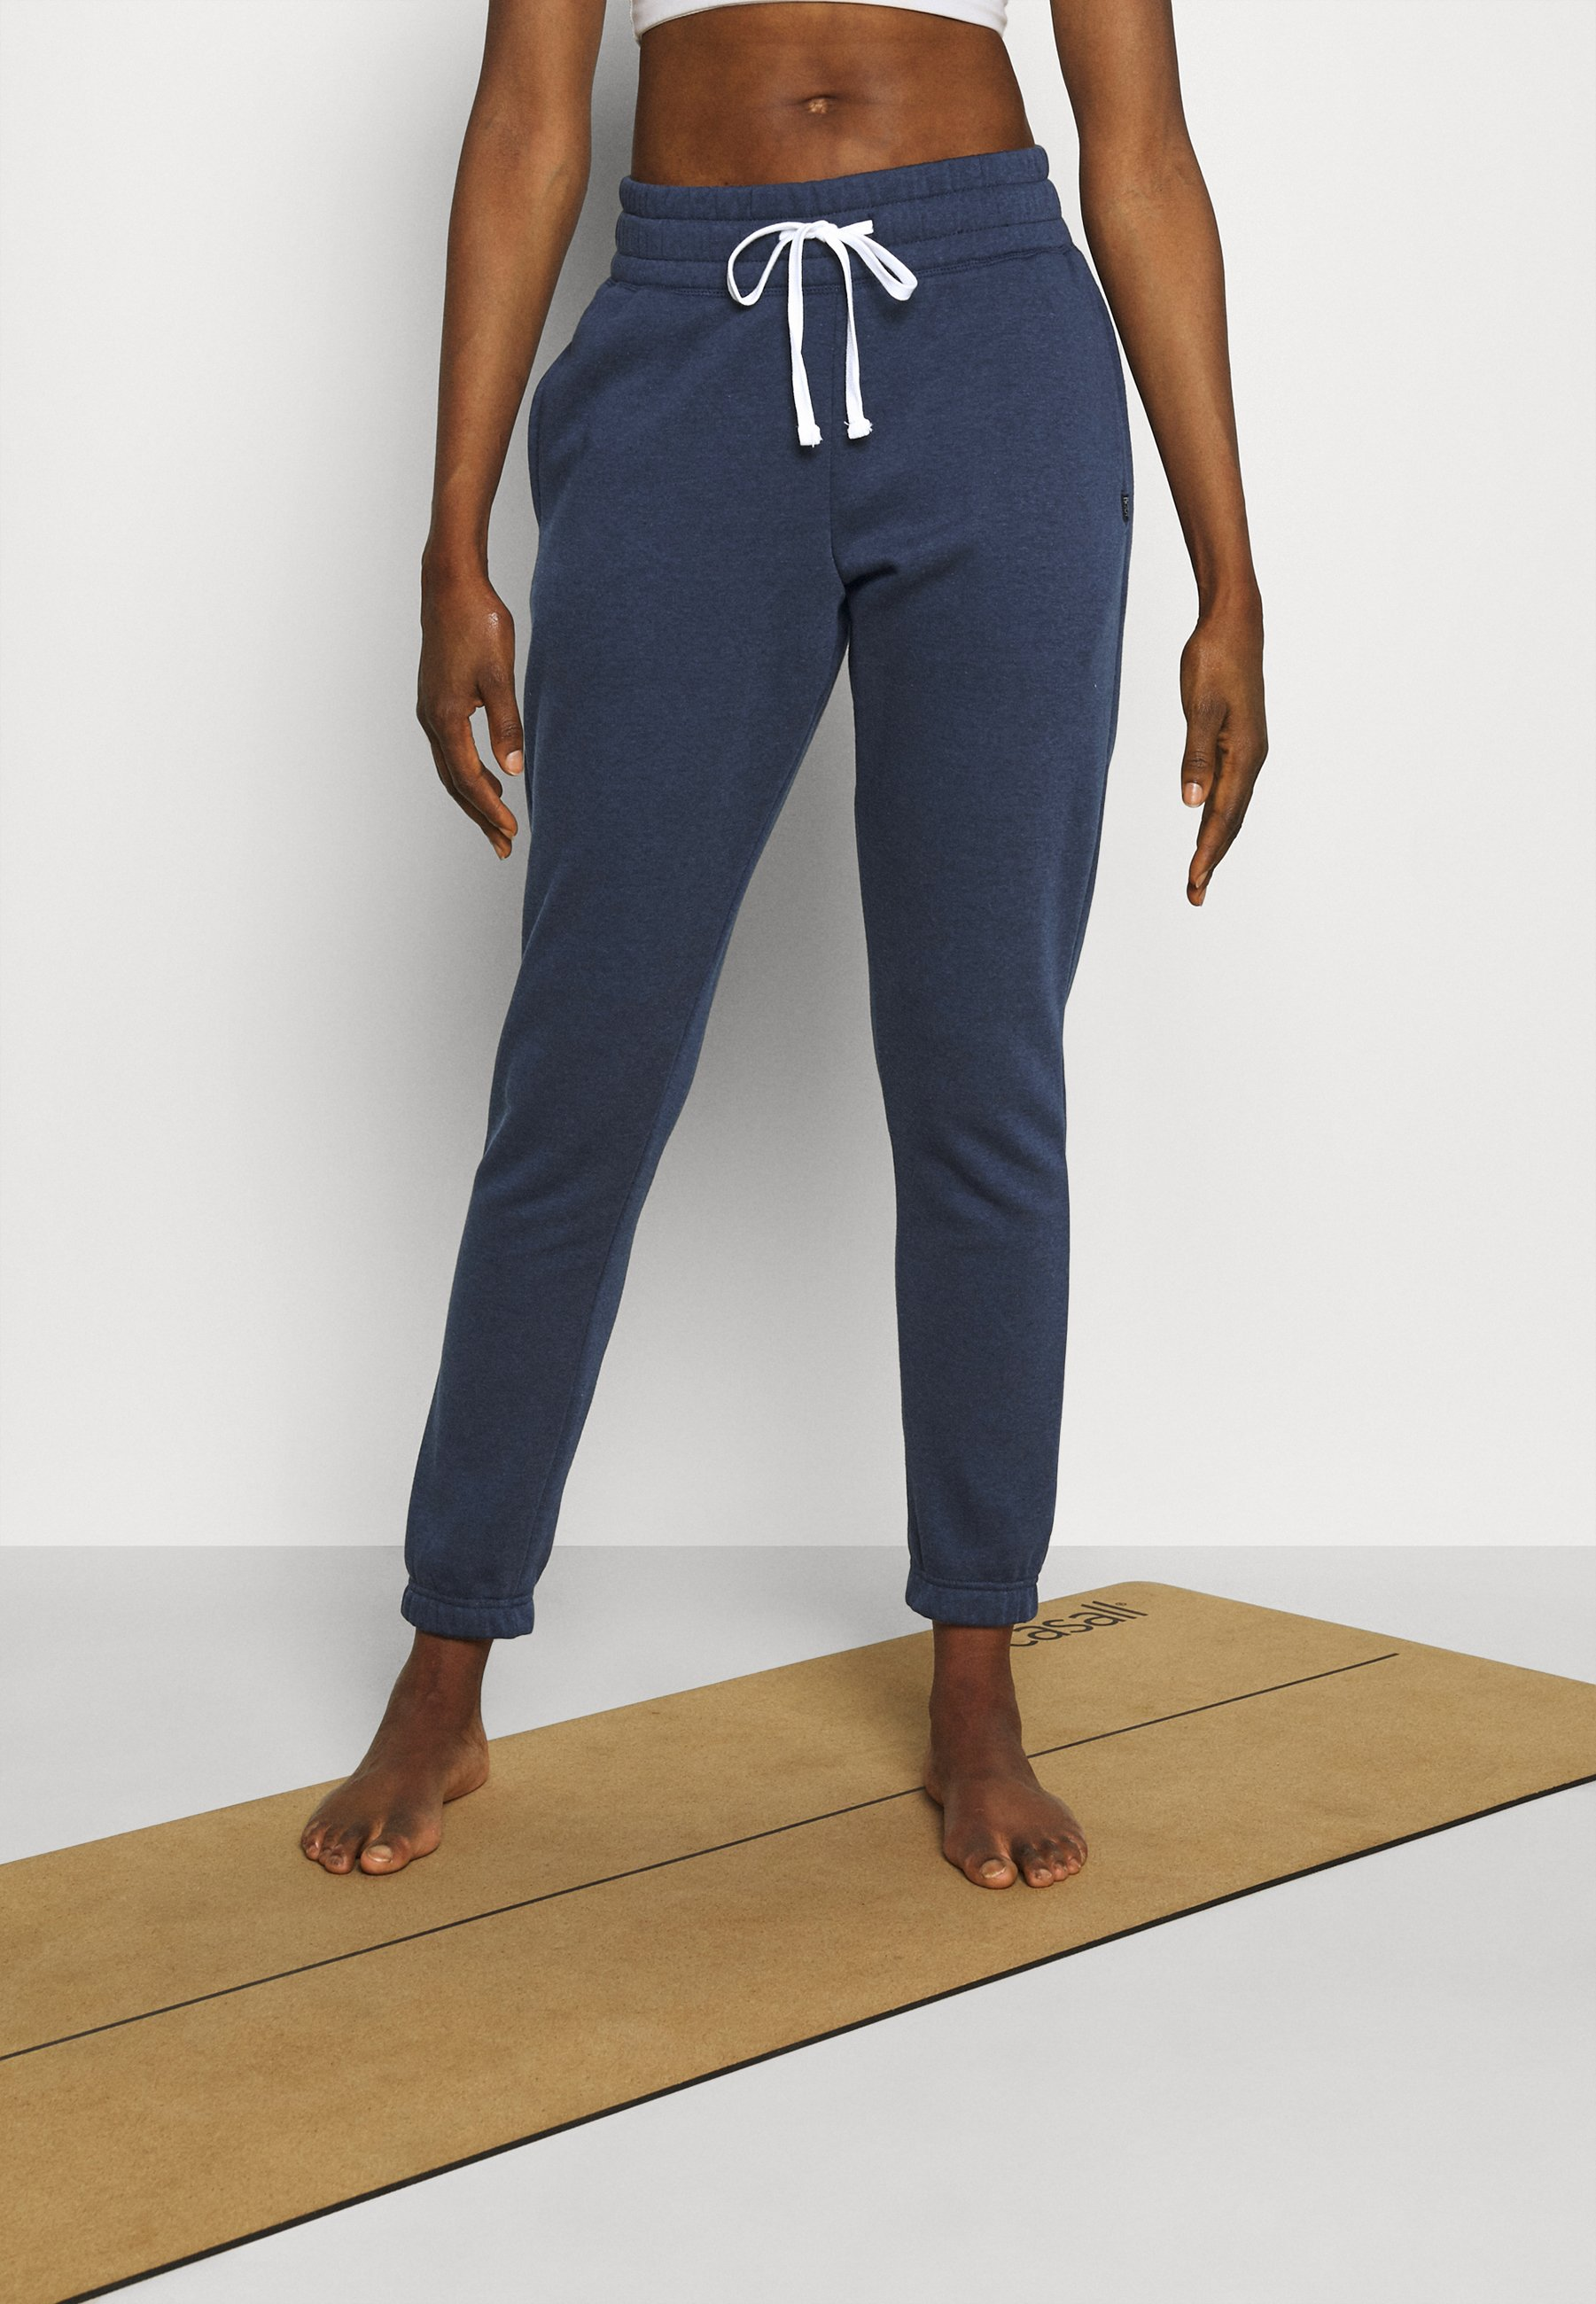 Femme LIFESTYLE GYM TRACK PANTS - Pantalon de survêtement